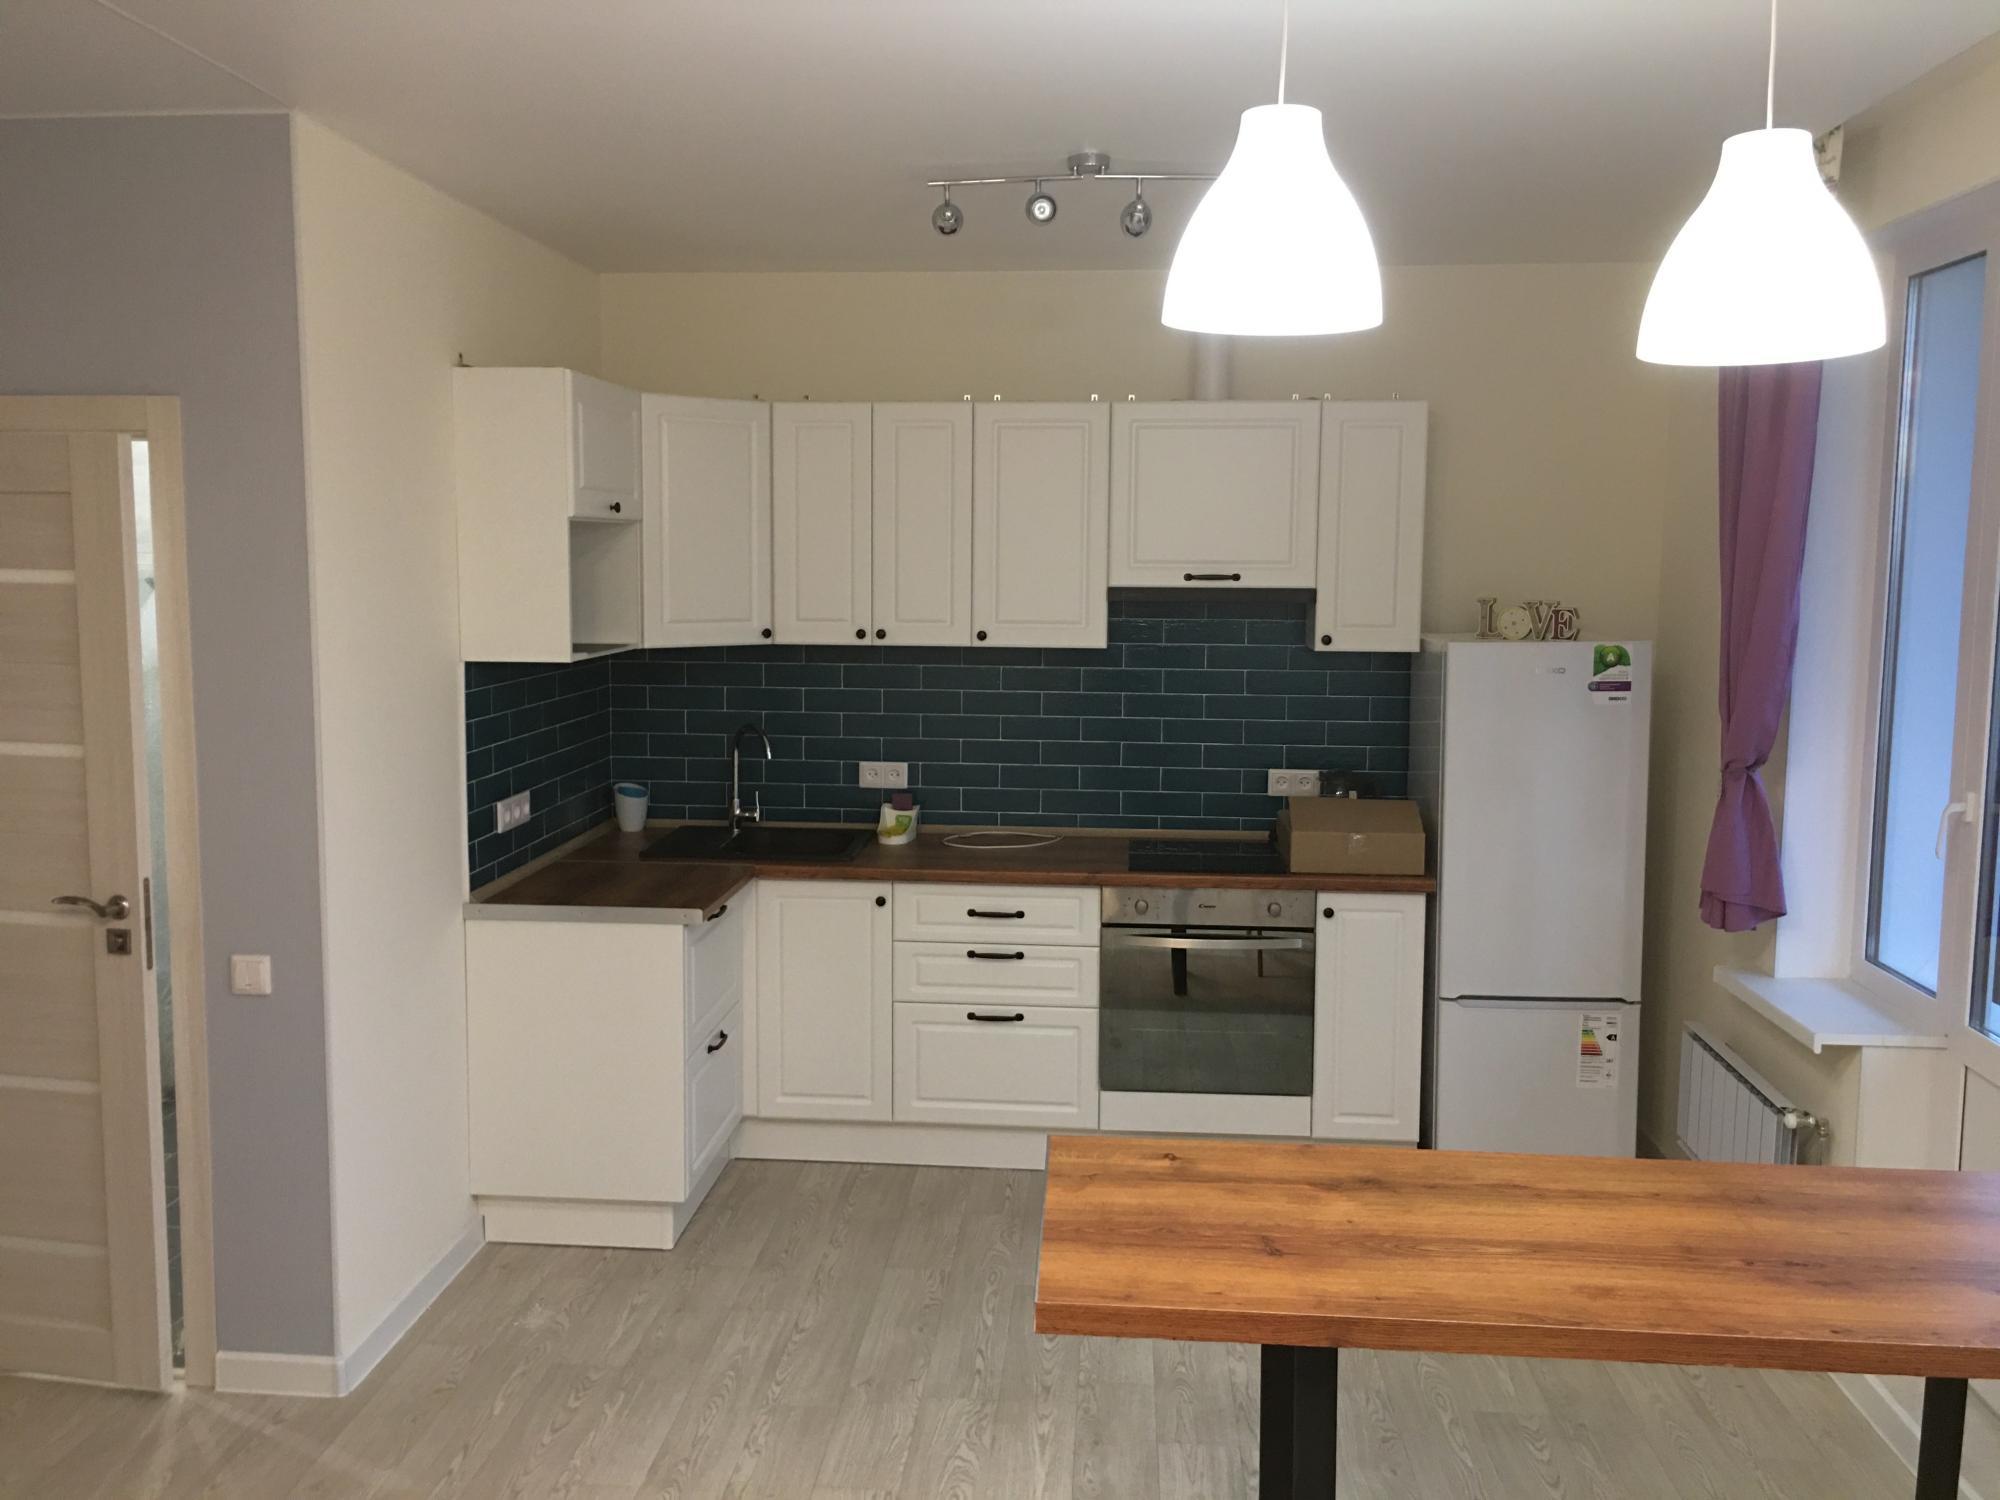 Apartment, Studio, 32 m2 89639952623 buy 1